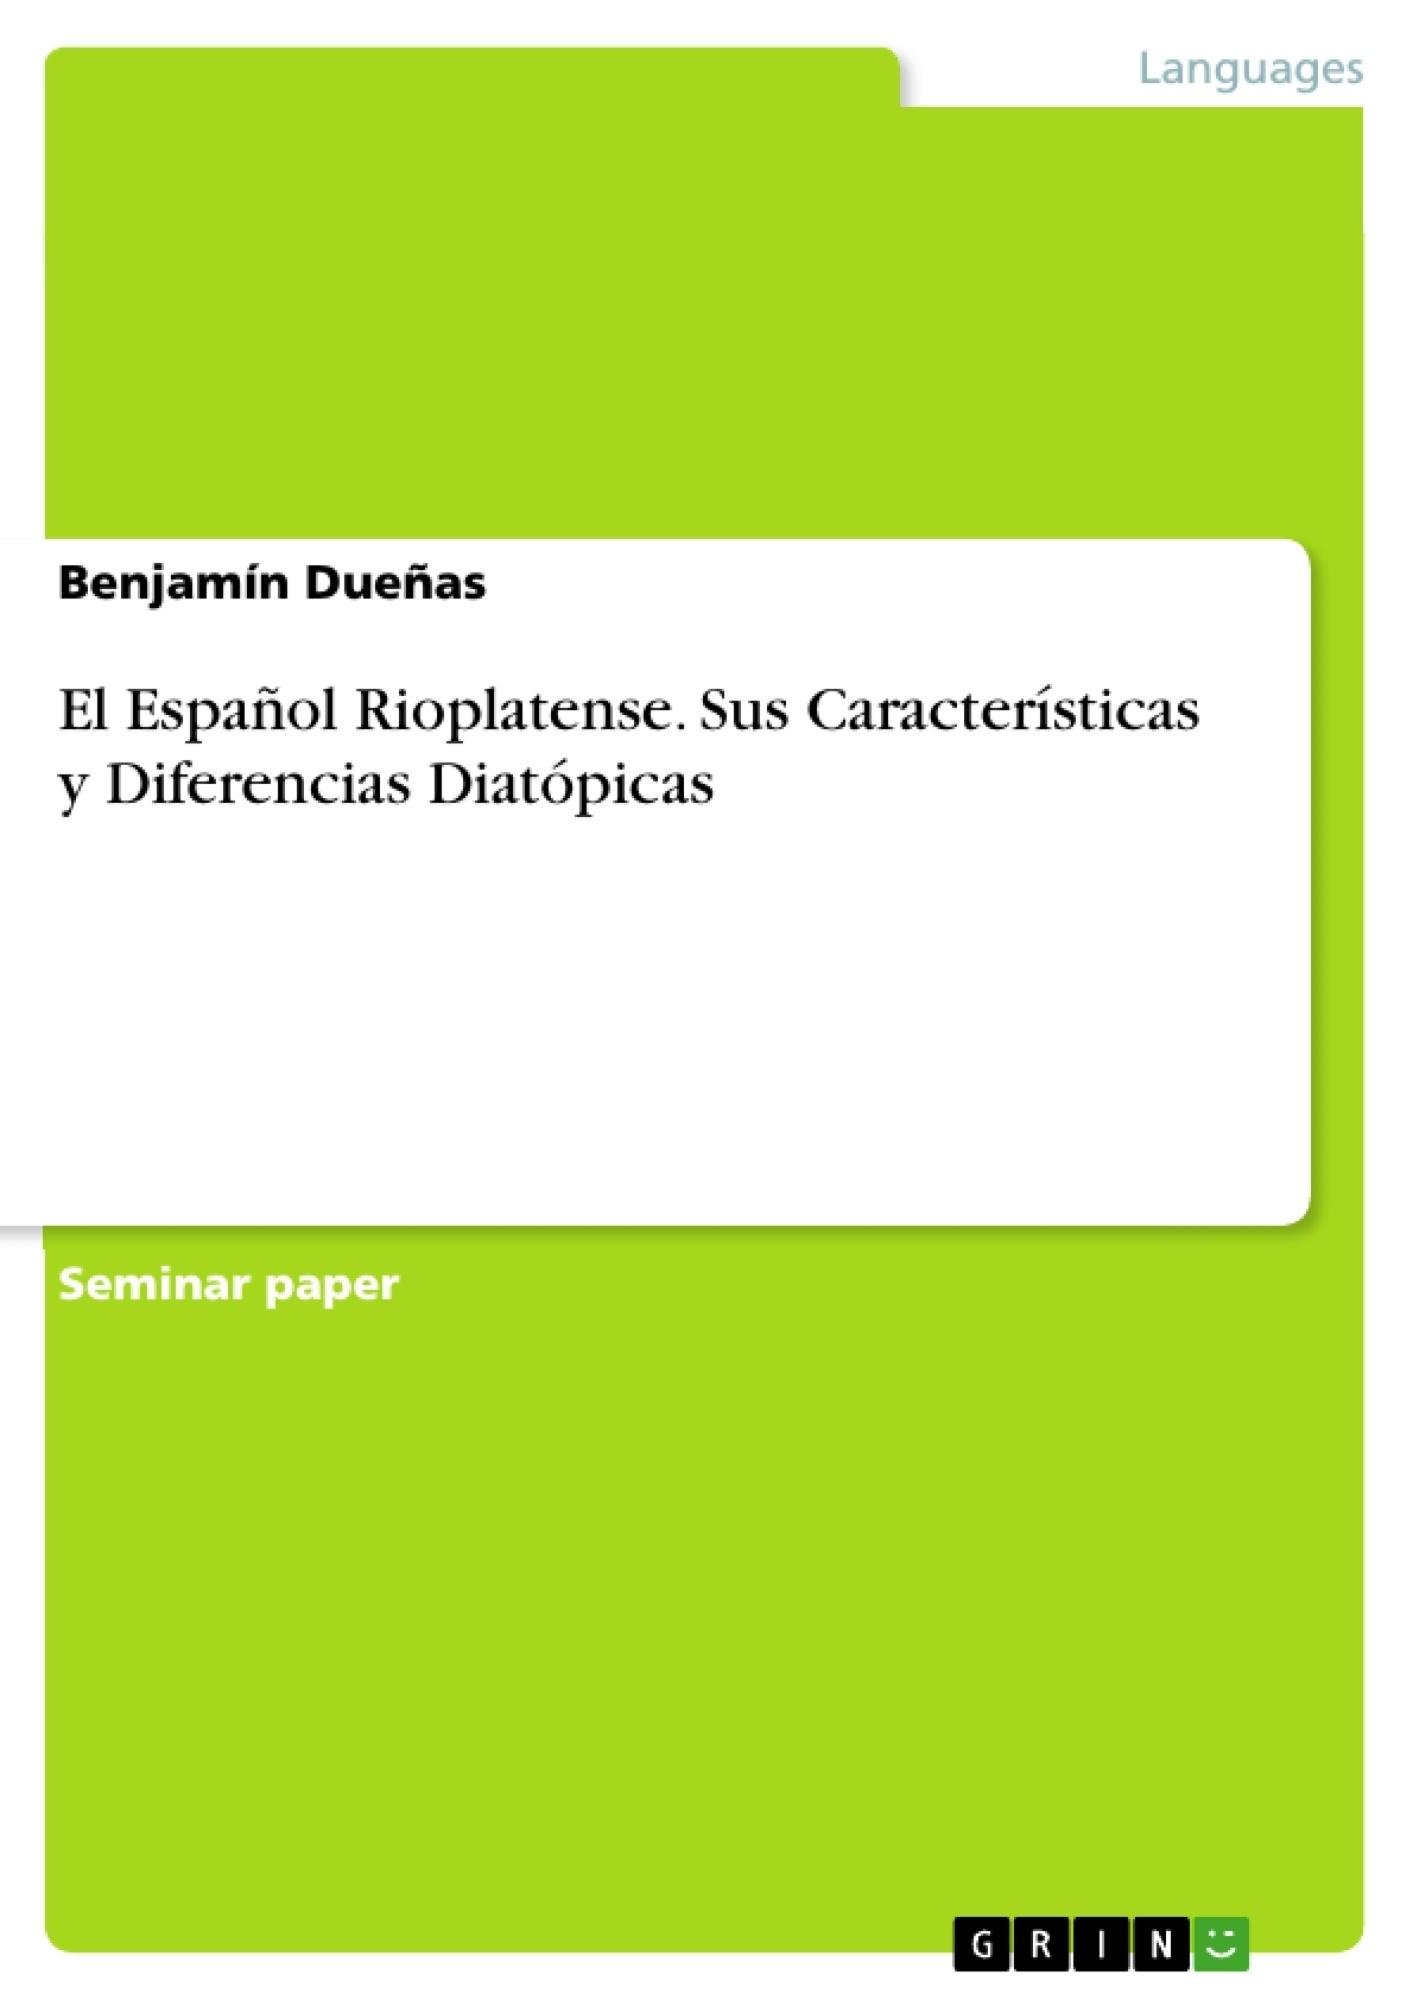 Título: El Español Rioplatense. Sus Características y Diferencias Diatópicas